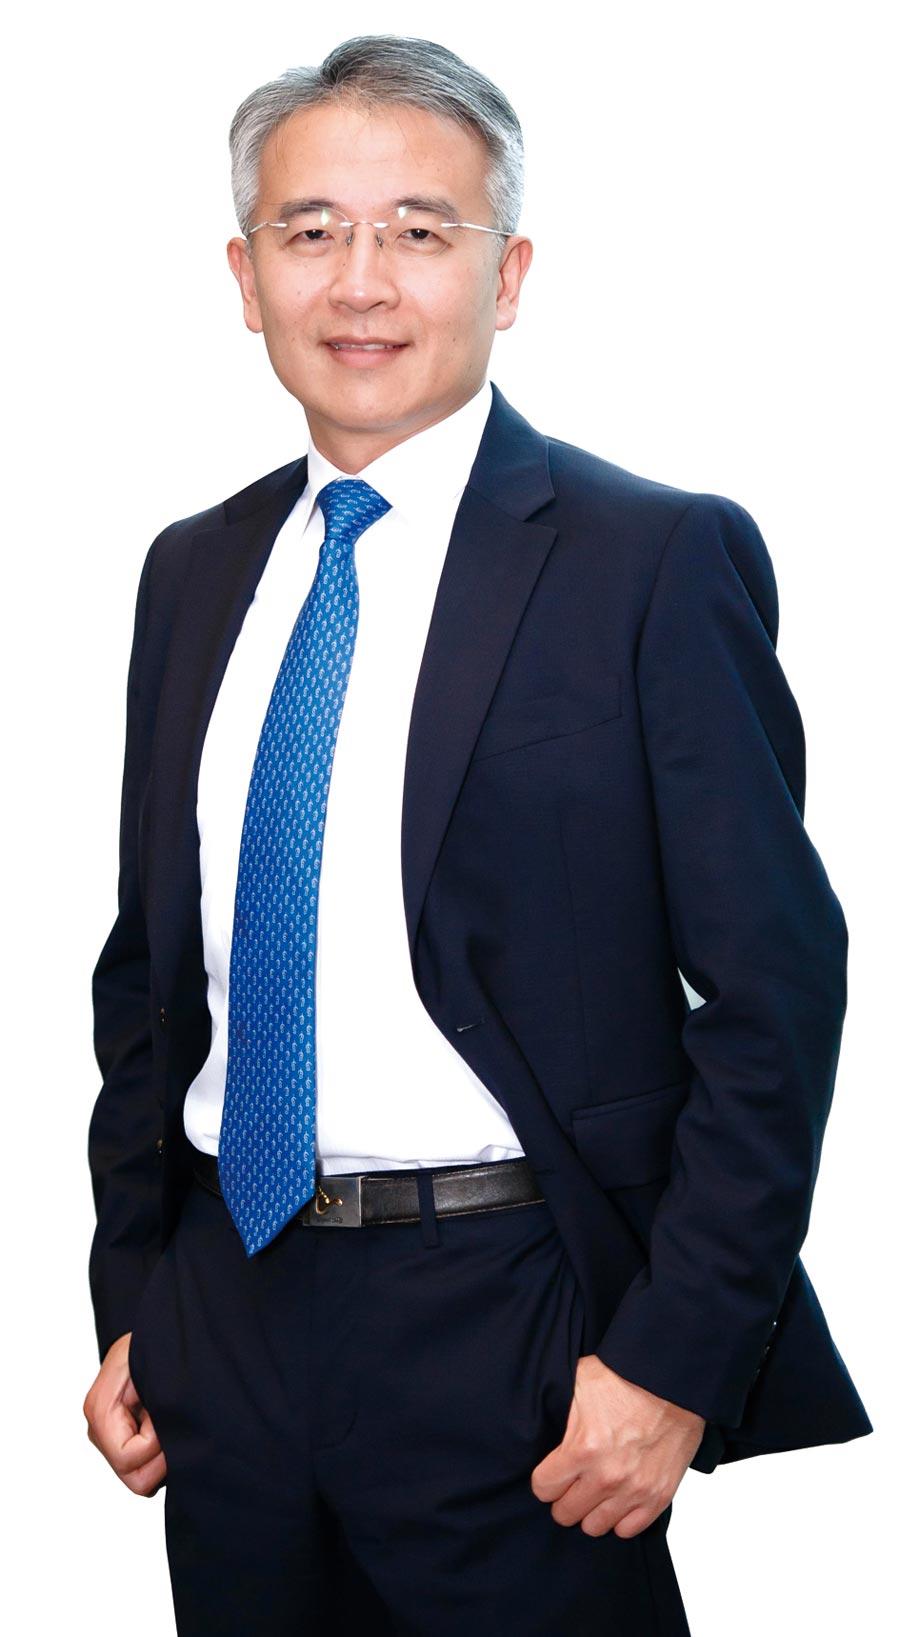 安本標準投信台灣投資長彭炫通